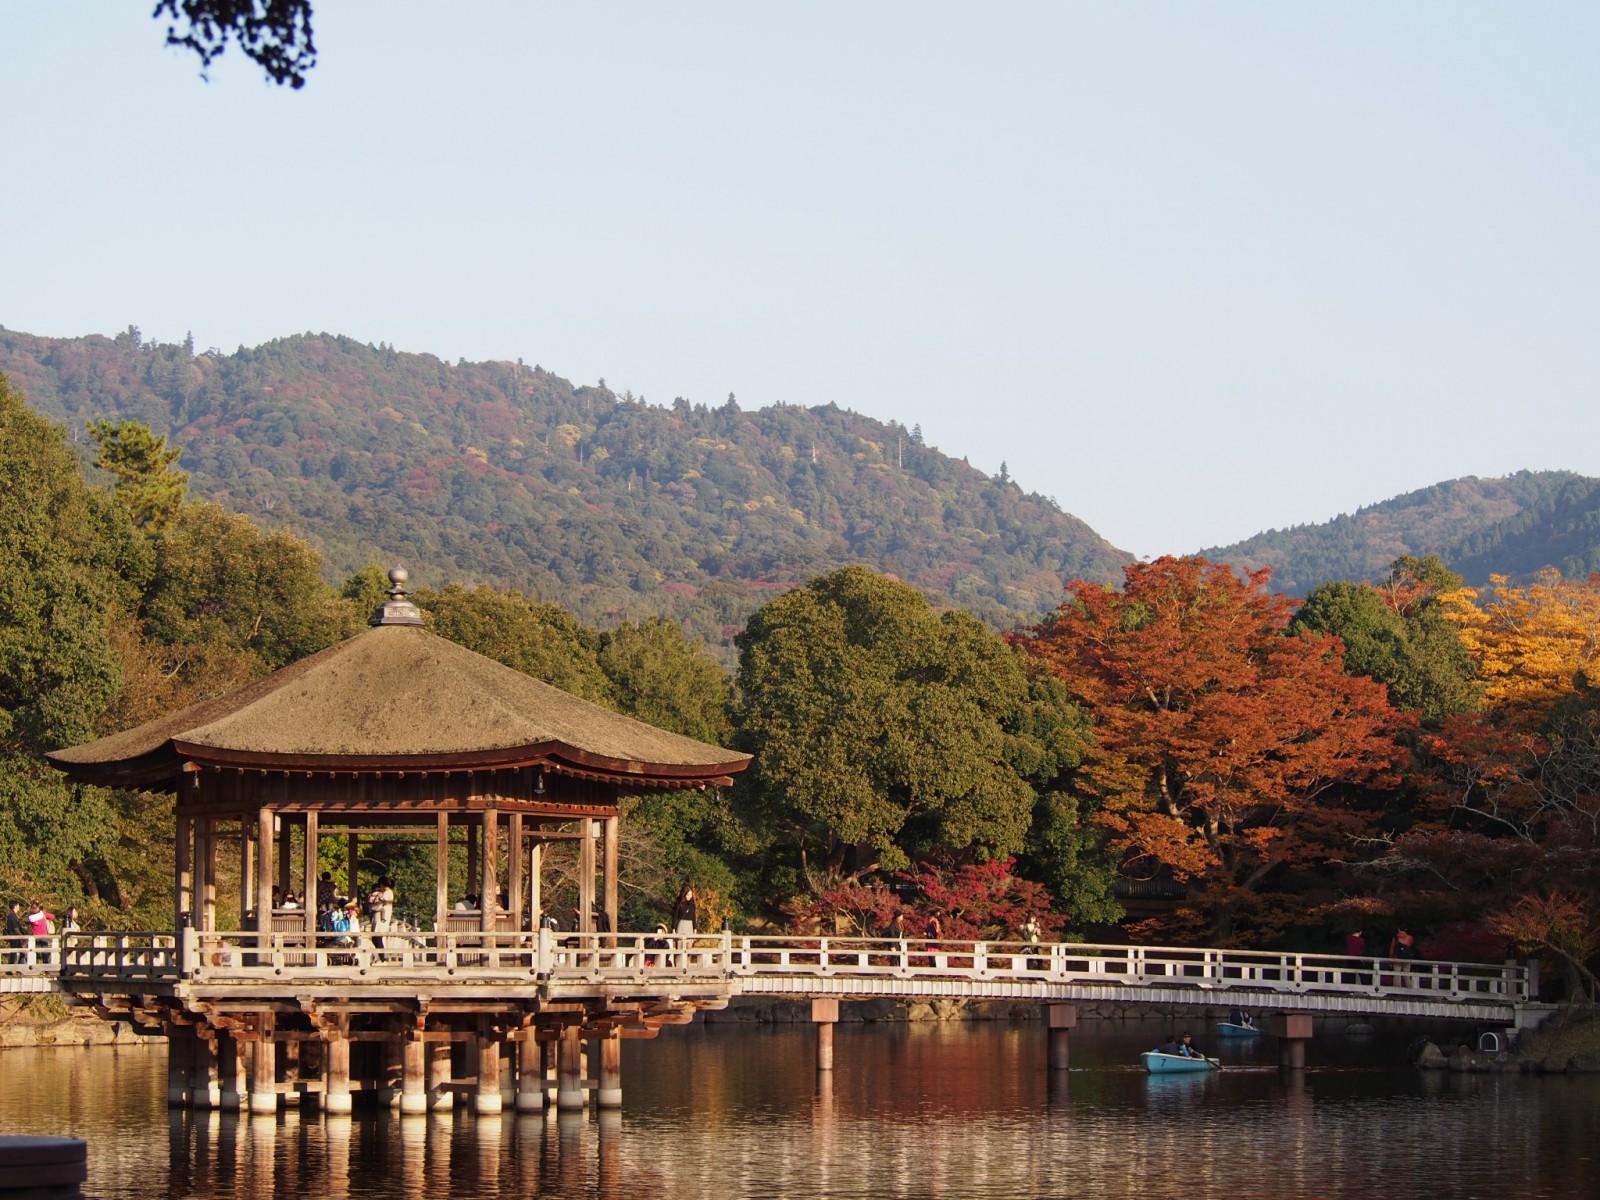 秋の浮見堂と鷺池に浮かぶ貸しボート